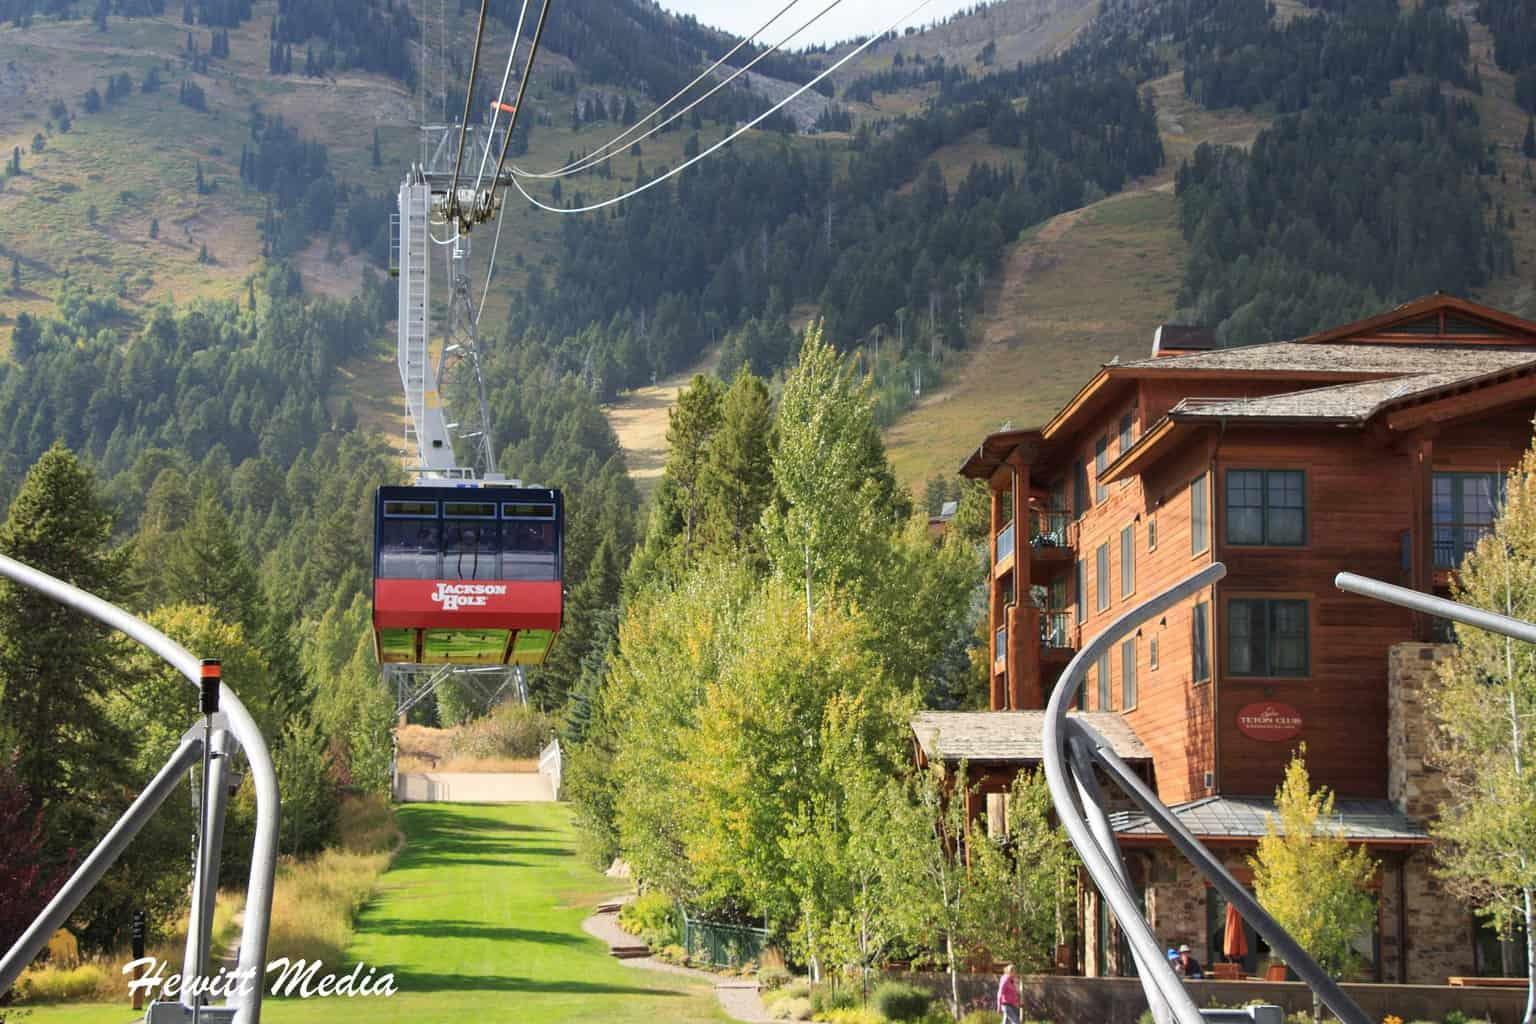 The Jackson Hole Gondola